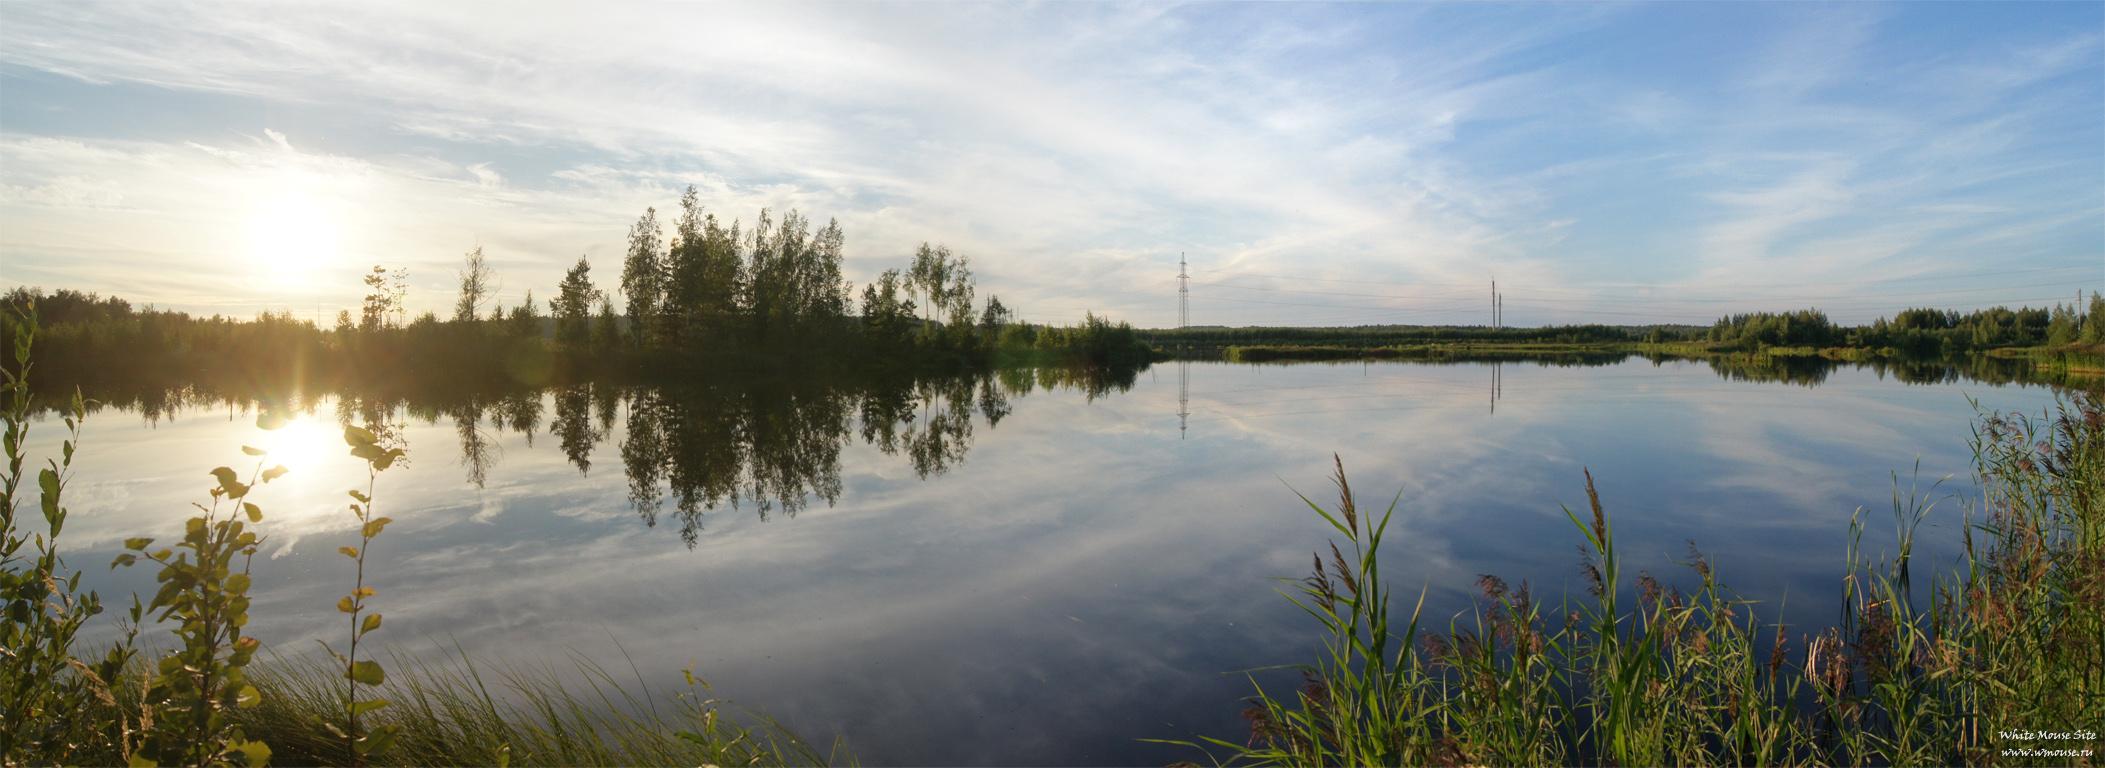 Рыбалка в Орехово-Зуево: рыбные места, отзывы